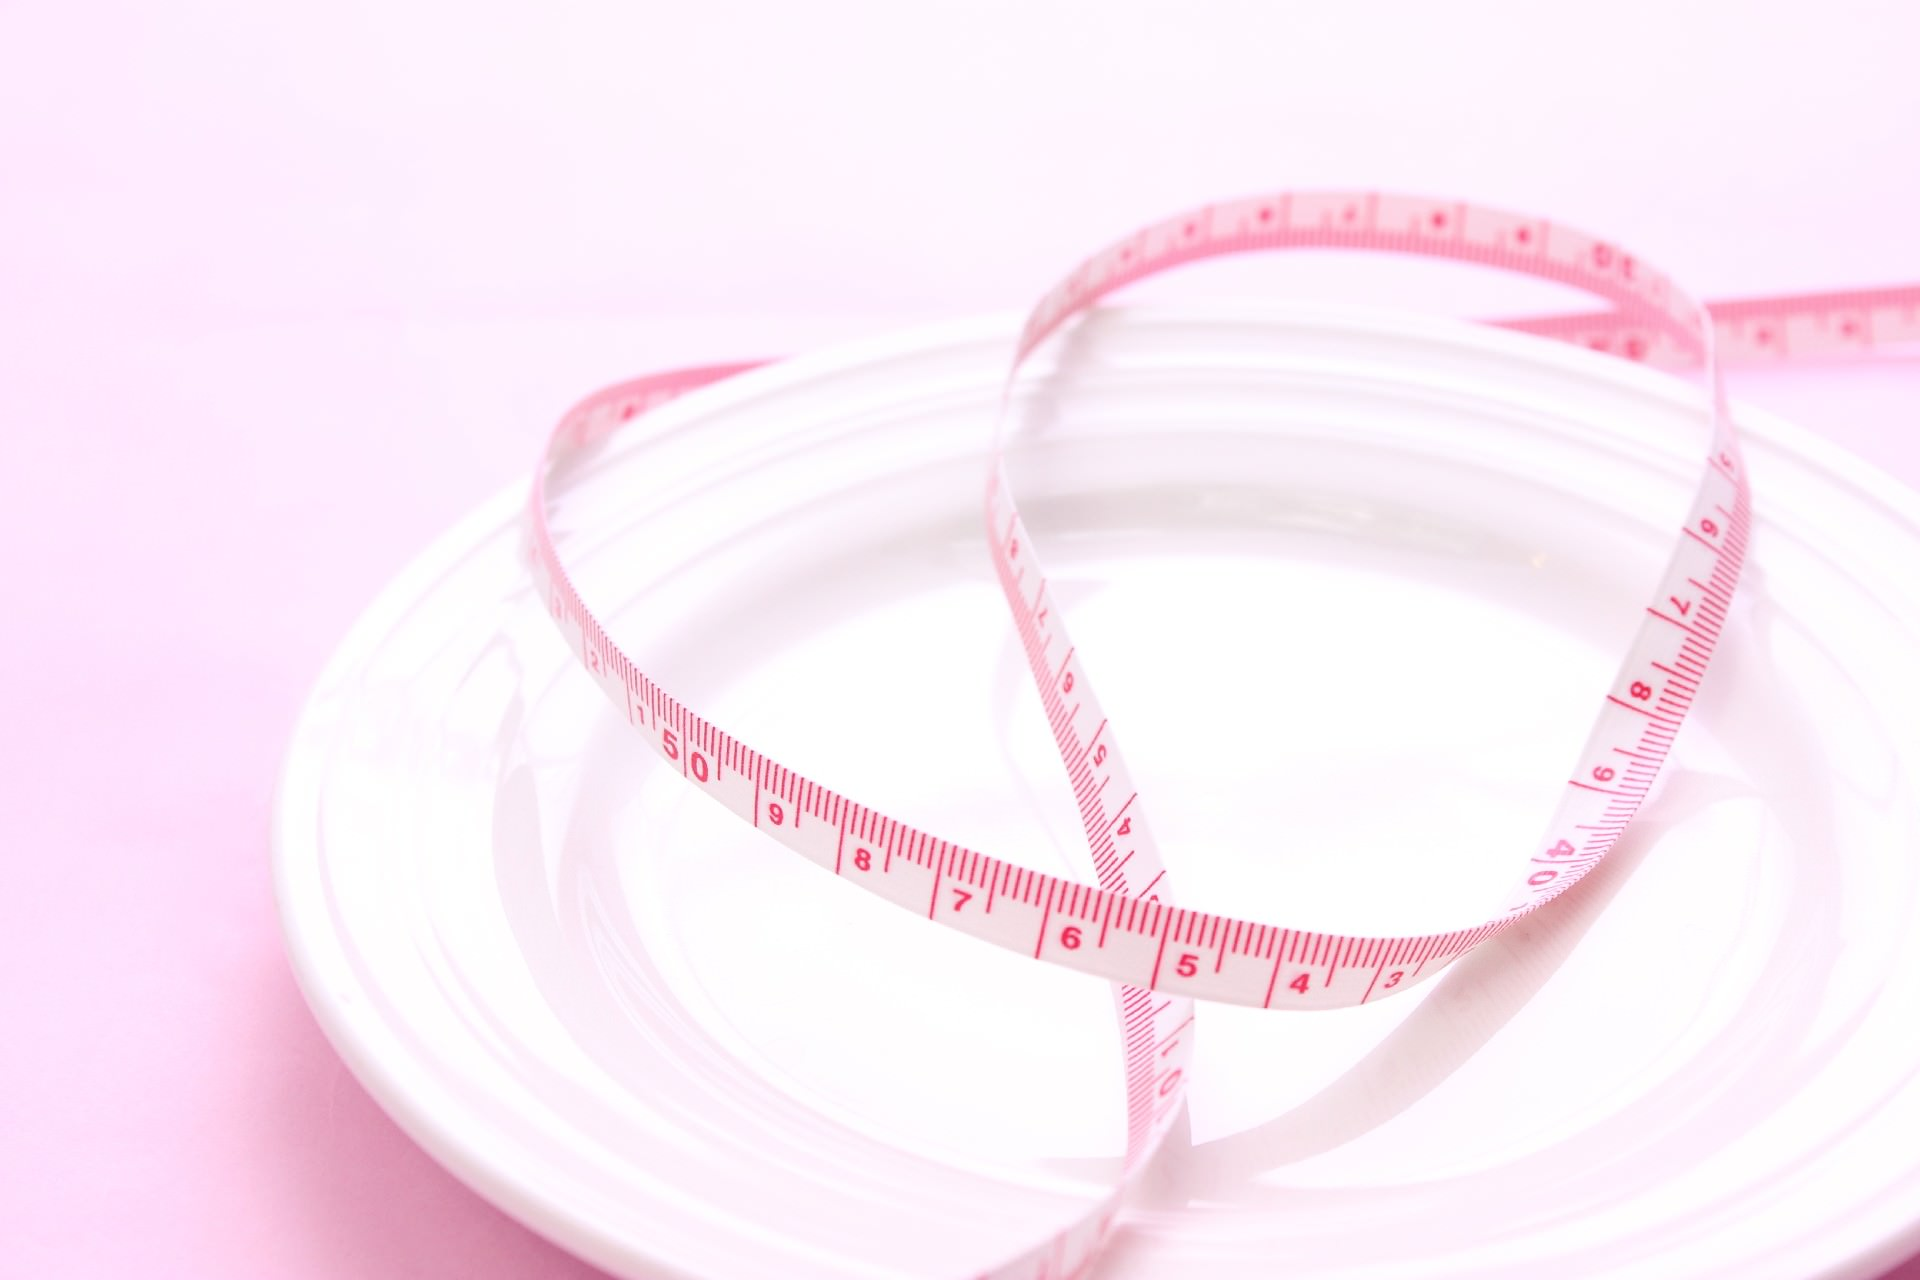 糖尿病の治療は生活習慣の改善から